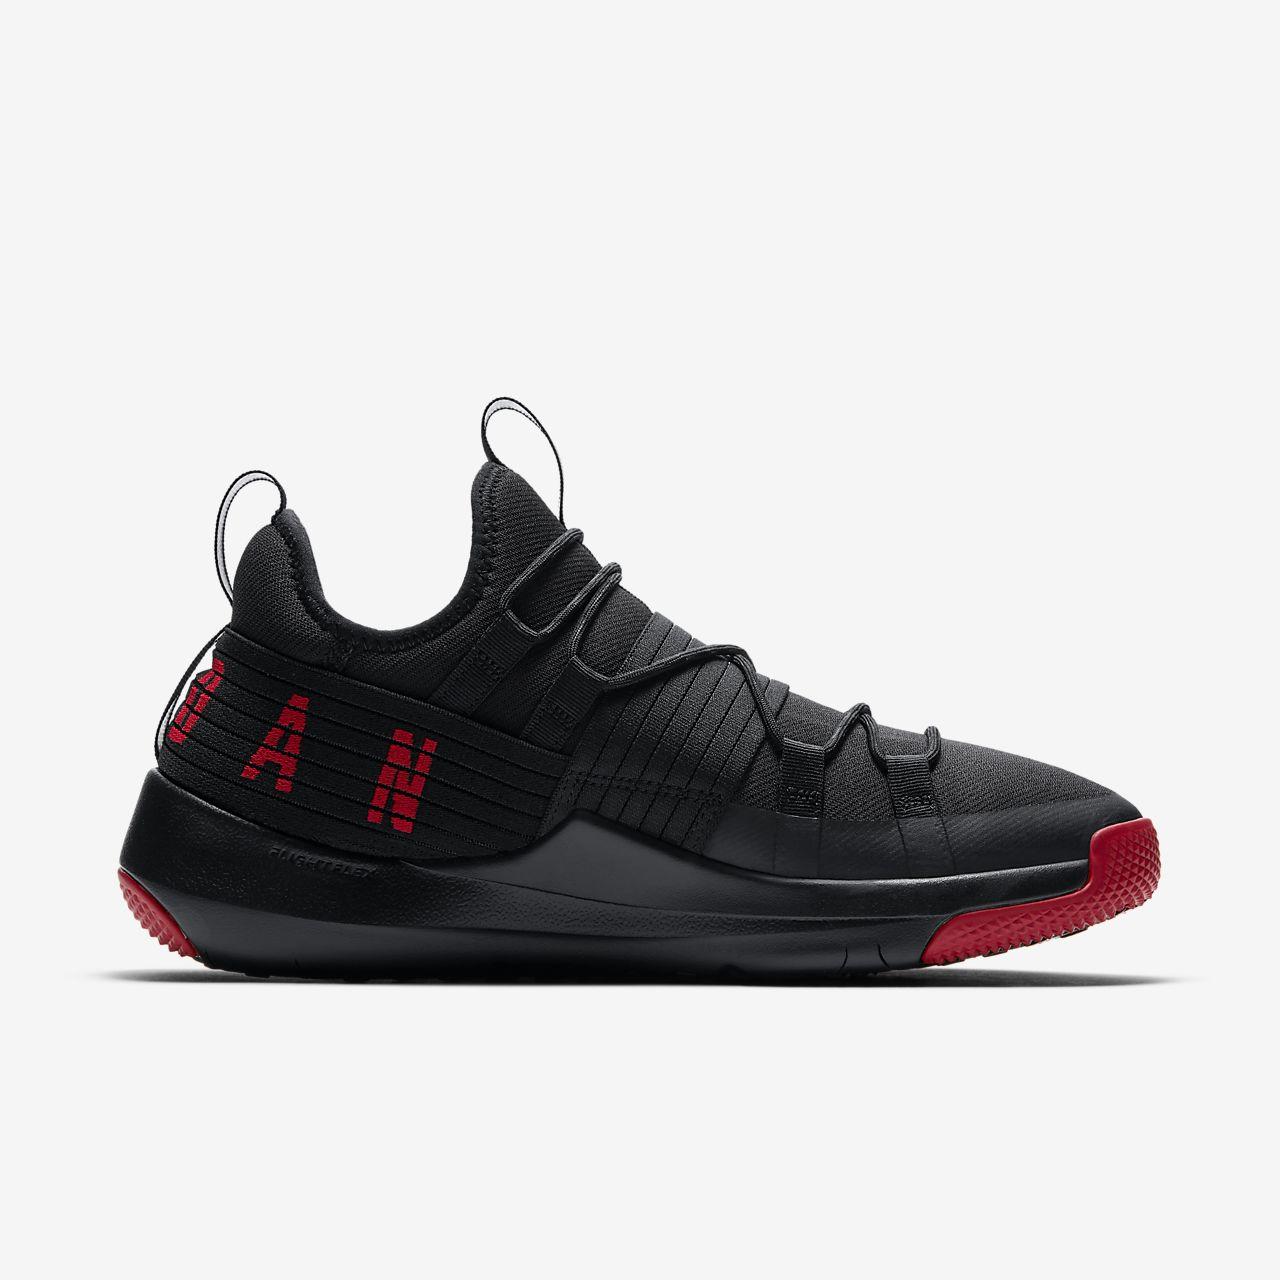 ea84d6993632e1 Jordan Trainer Pro Men s Training Shoe. Nike.com MY